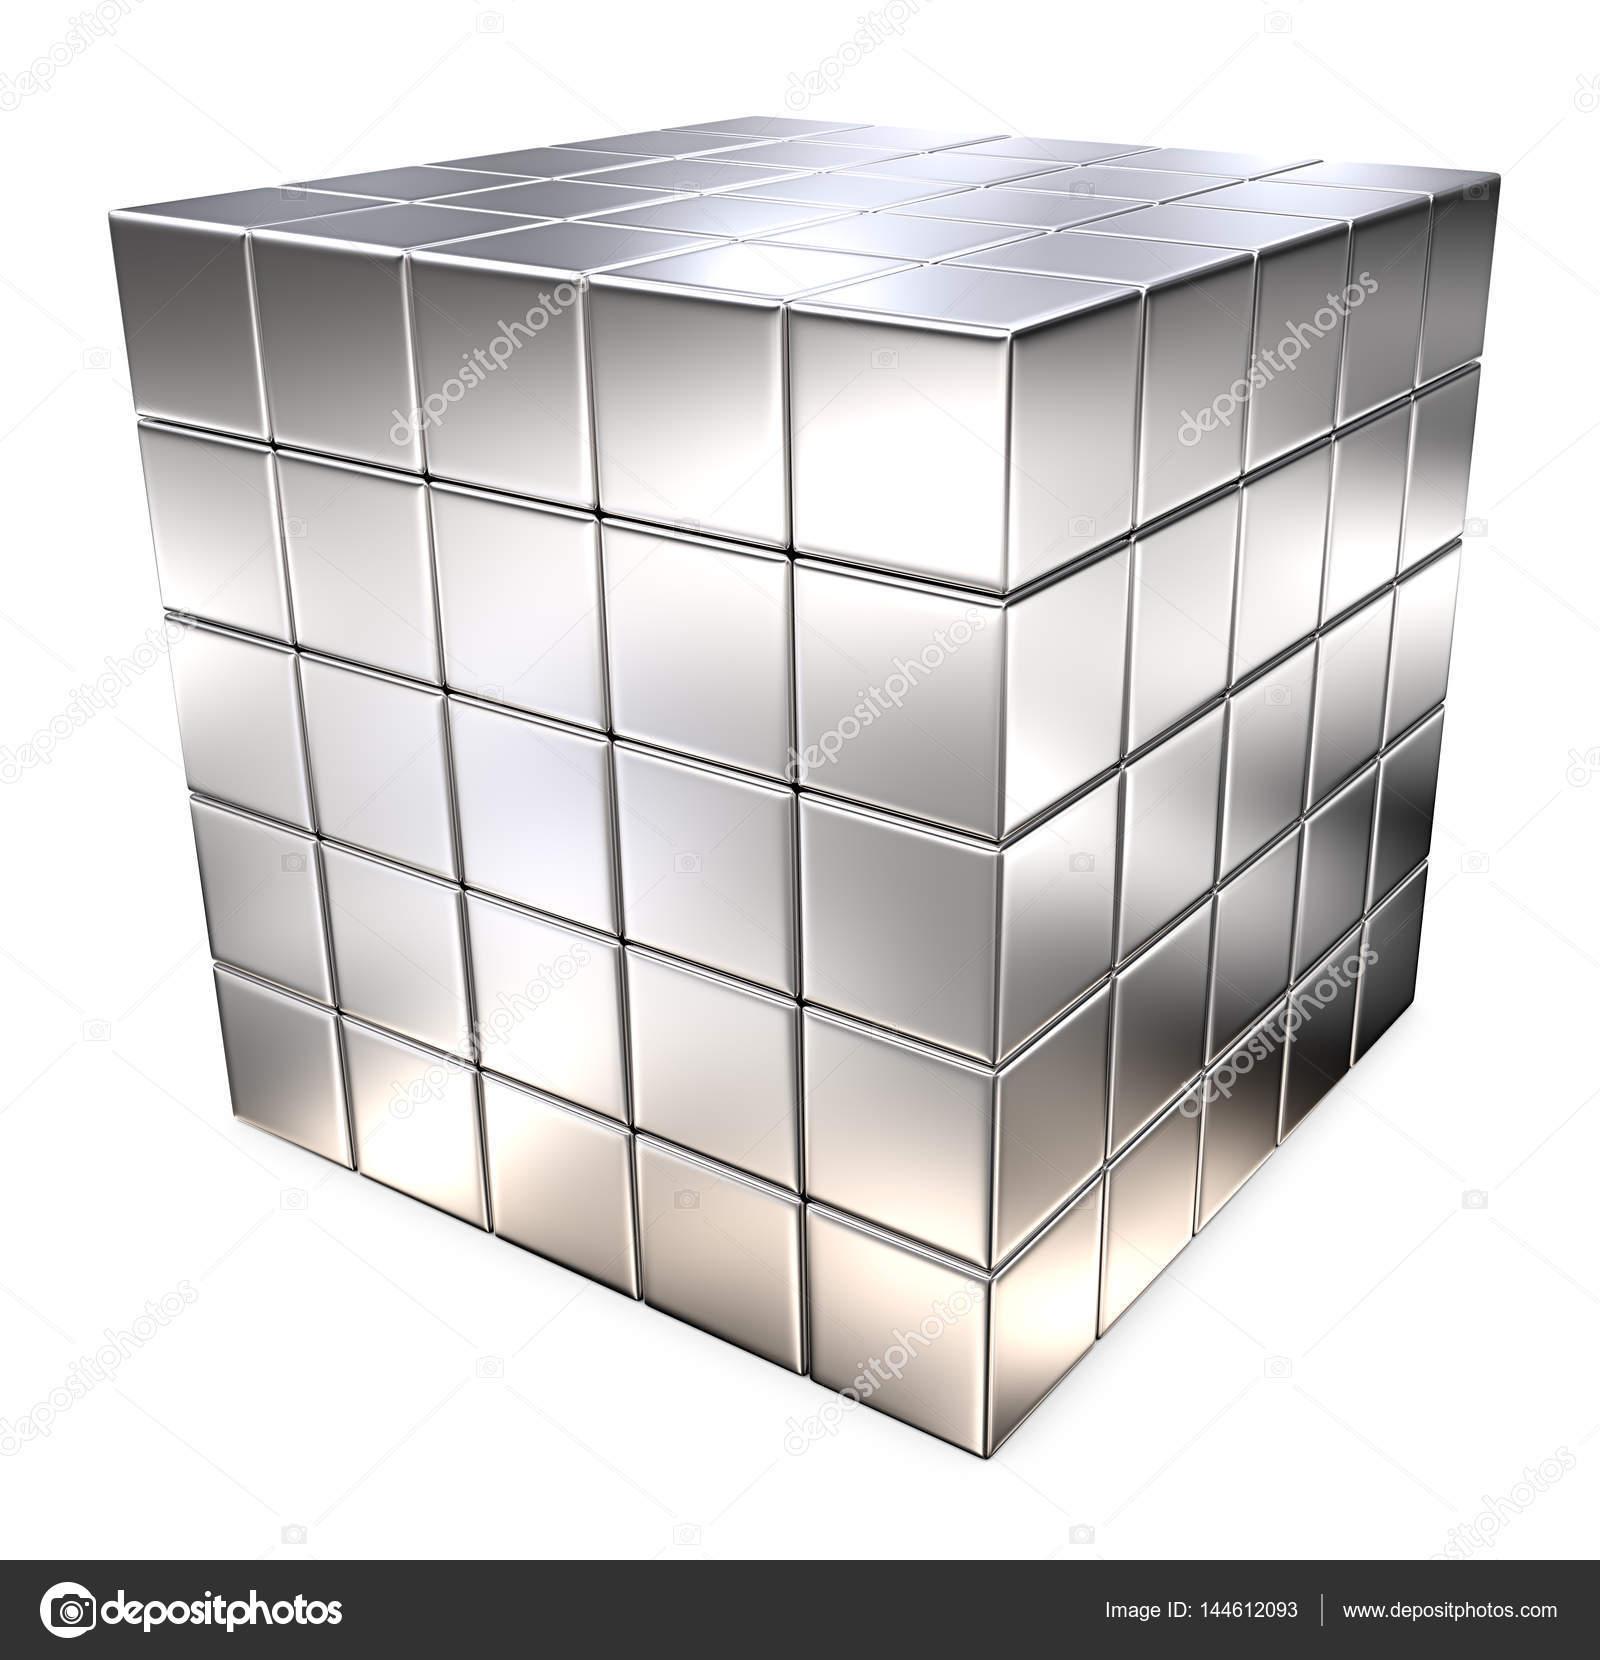 Cubo Di Metallo.Cubo Di Metallo Di Grandi Dimensioni Foto Stock C Johanh